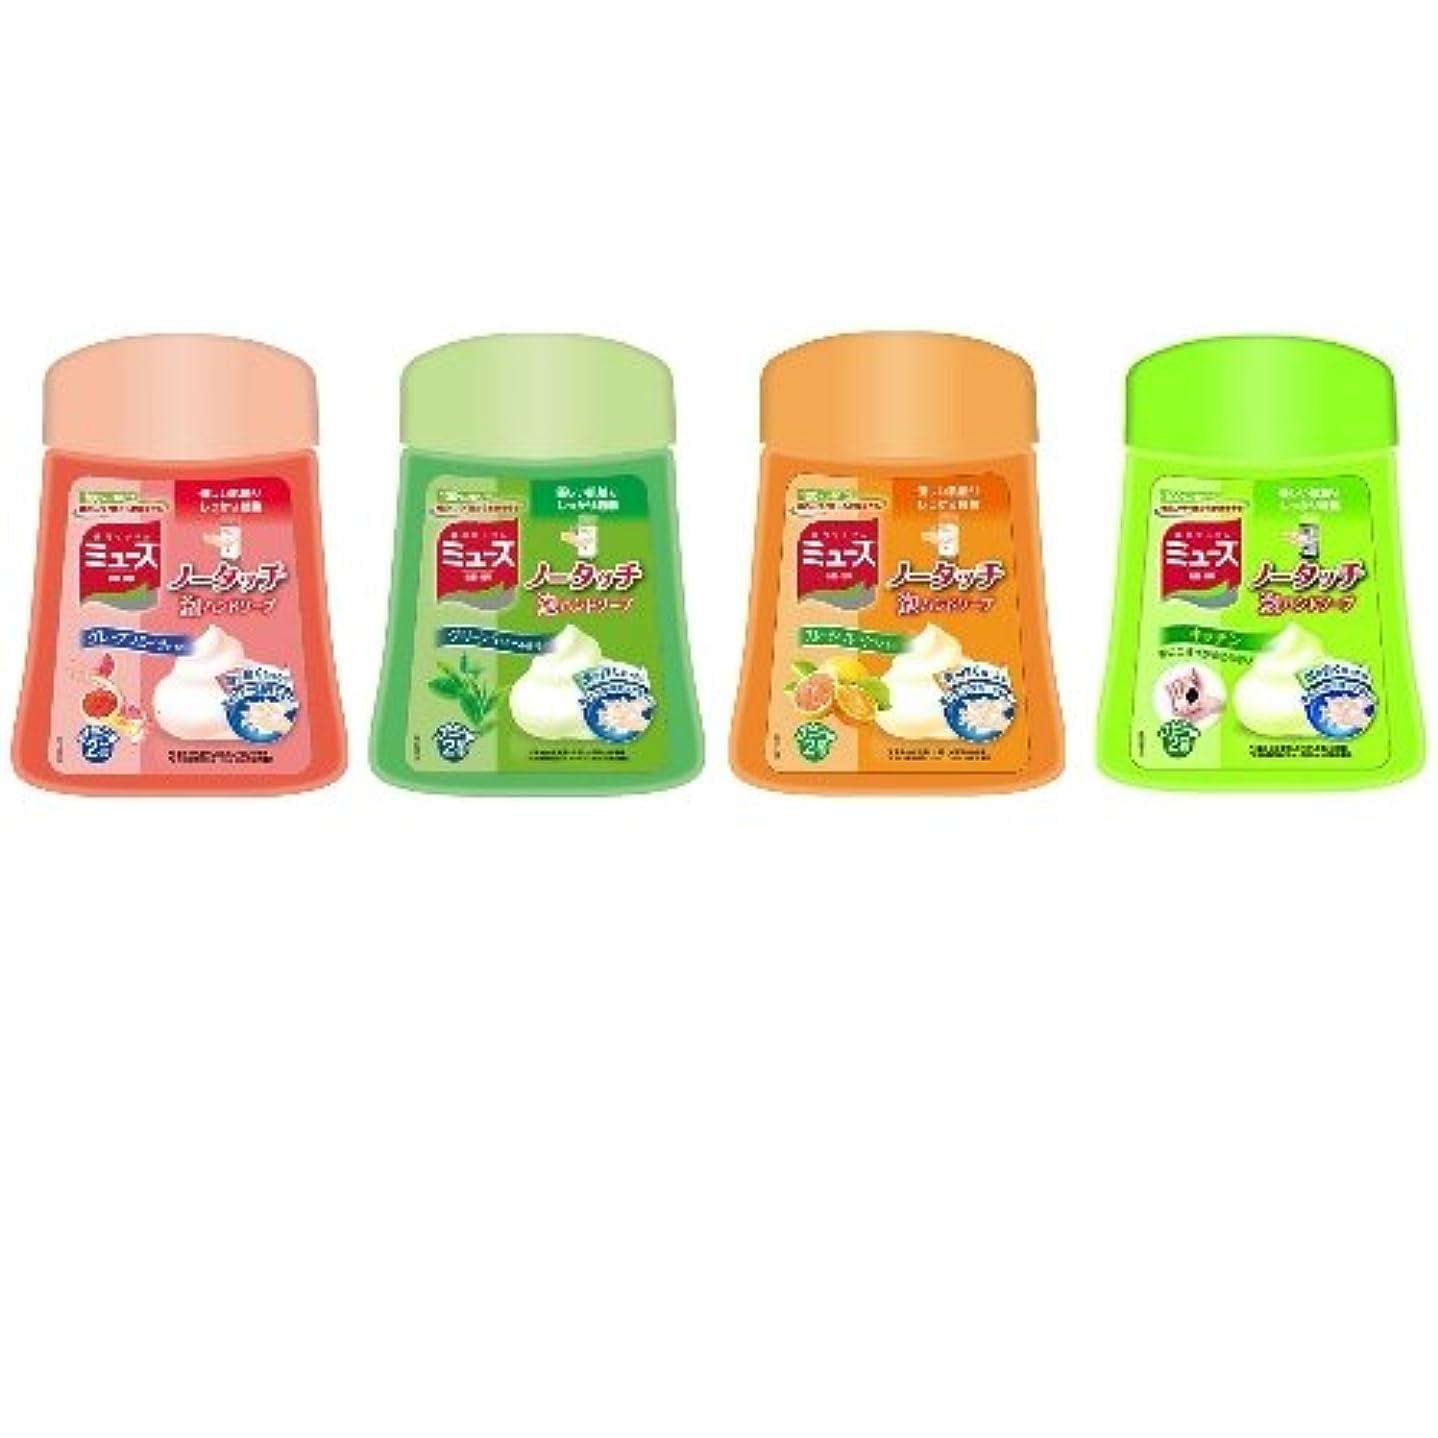 細胞承認望ましいミューズ ハンドソープ 石鹸 詰替え用 250ml×4個